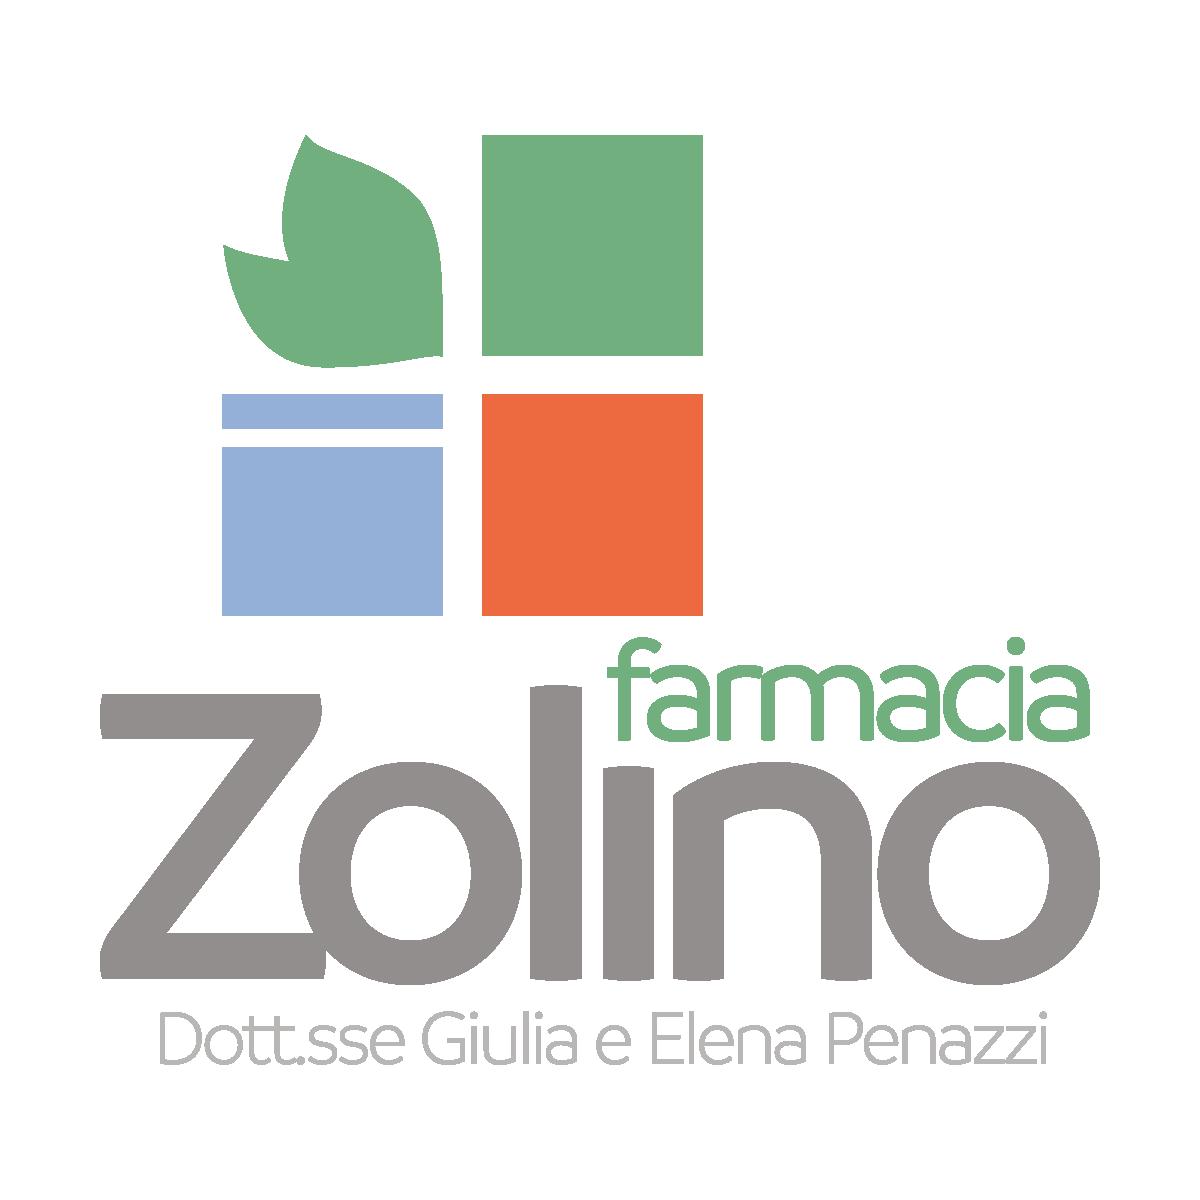 Farmacia Zolino